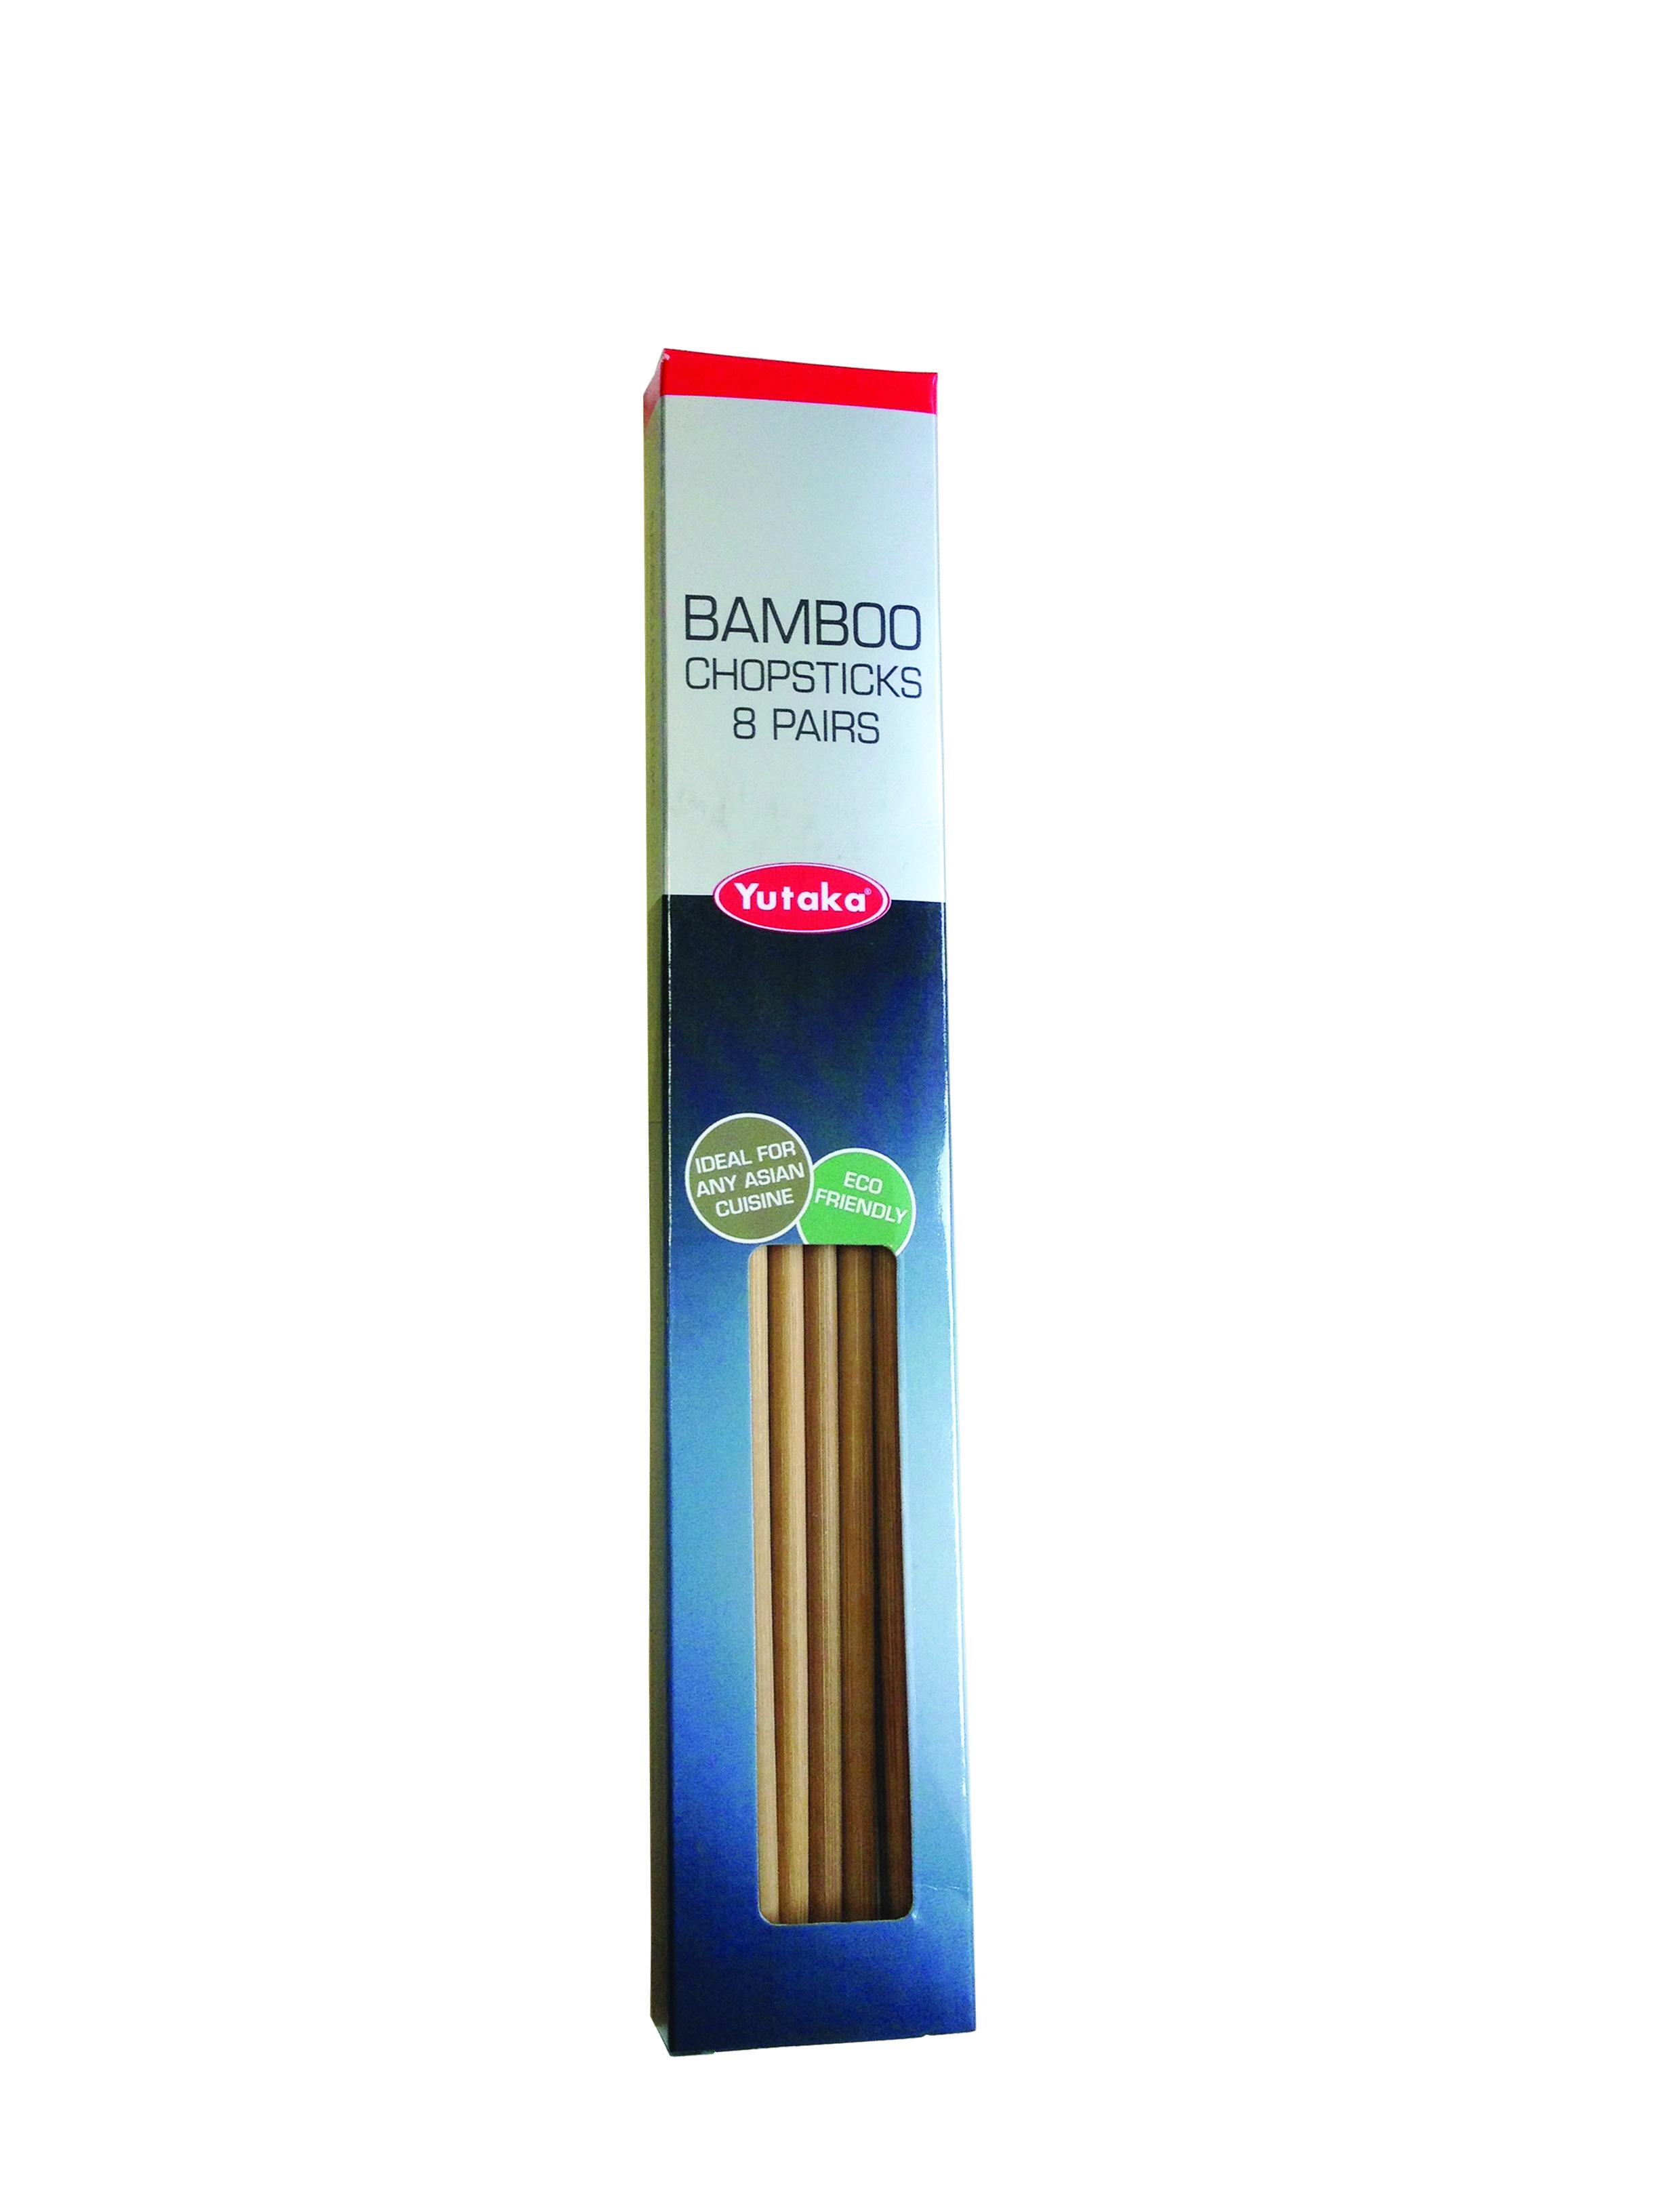 Bamboo Chopsticks - Yutaka